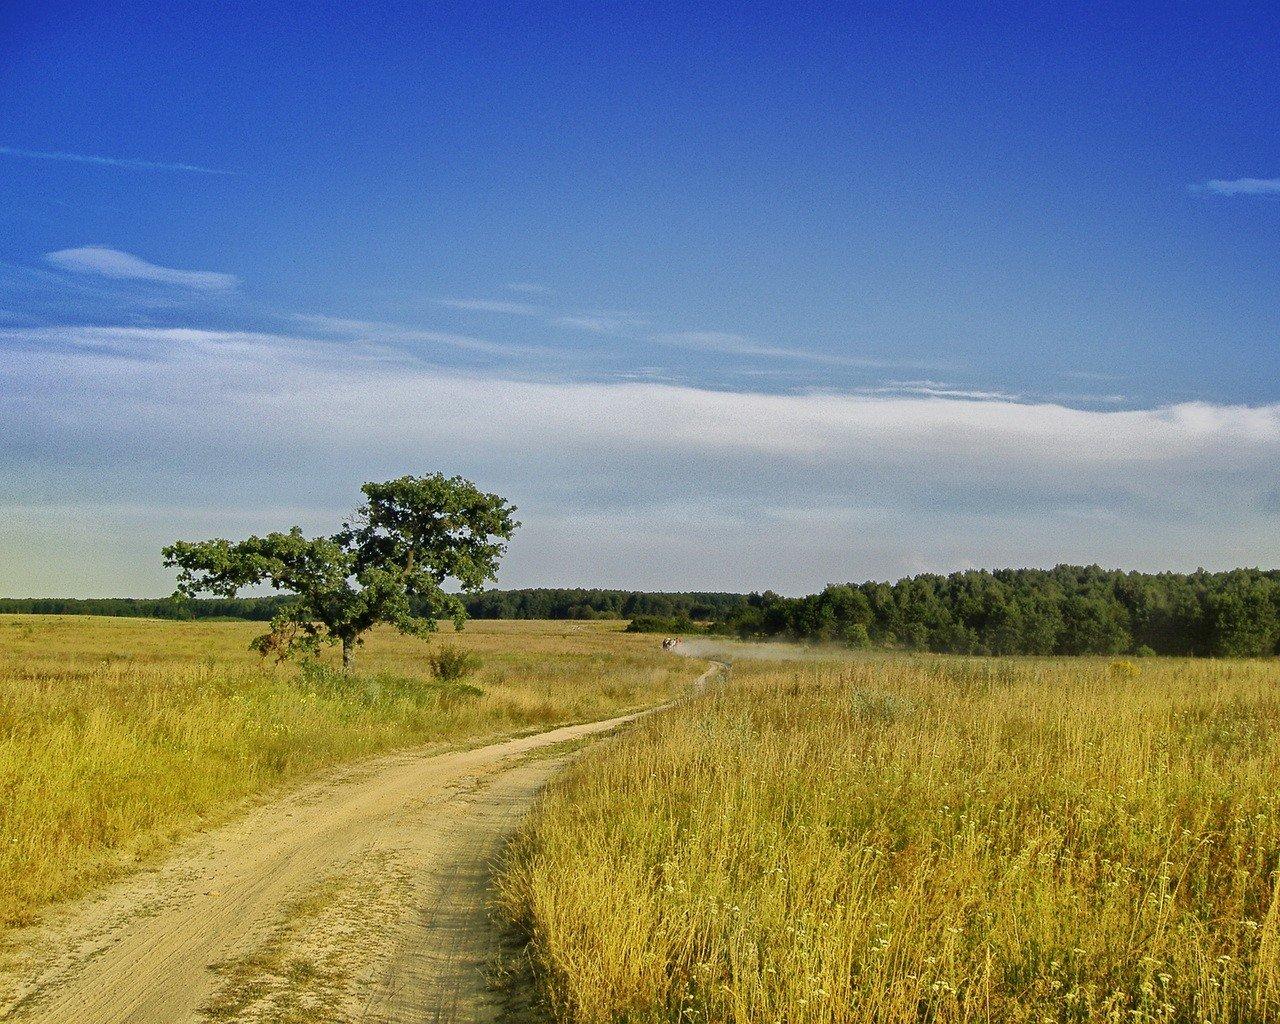 дорога лесостепь солнце  № 786352 загрузить